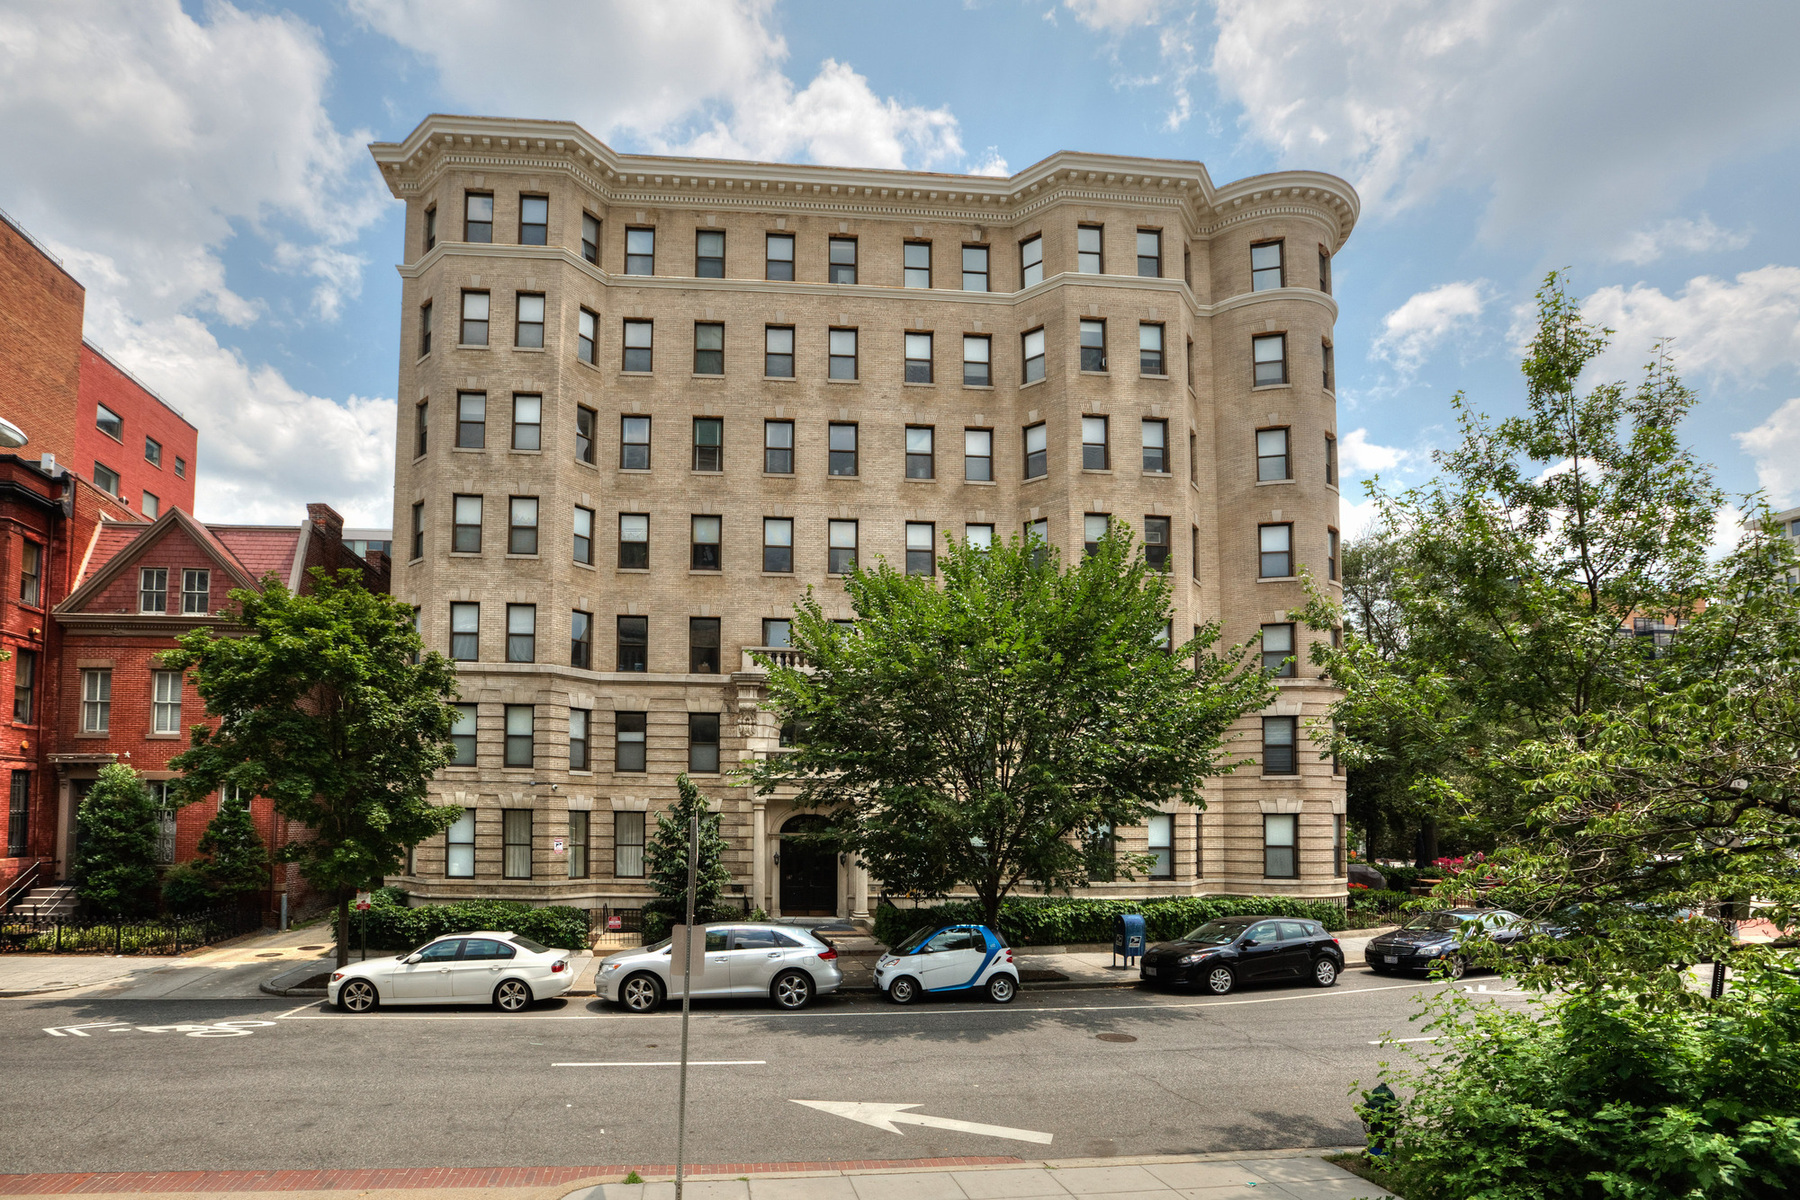 共管式独立产权公寓 为 销售 在 1115 12th Street Nw 604, Washington Washington, 哥伦比亚特区 20005 美国